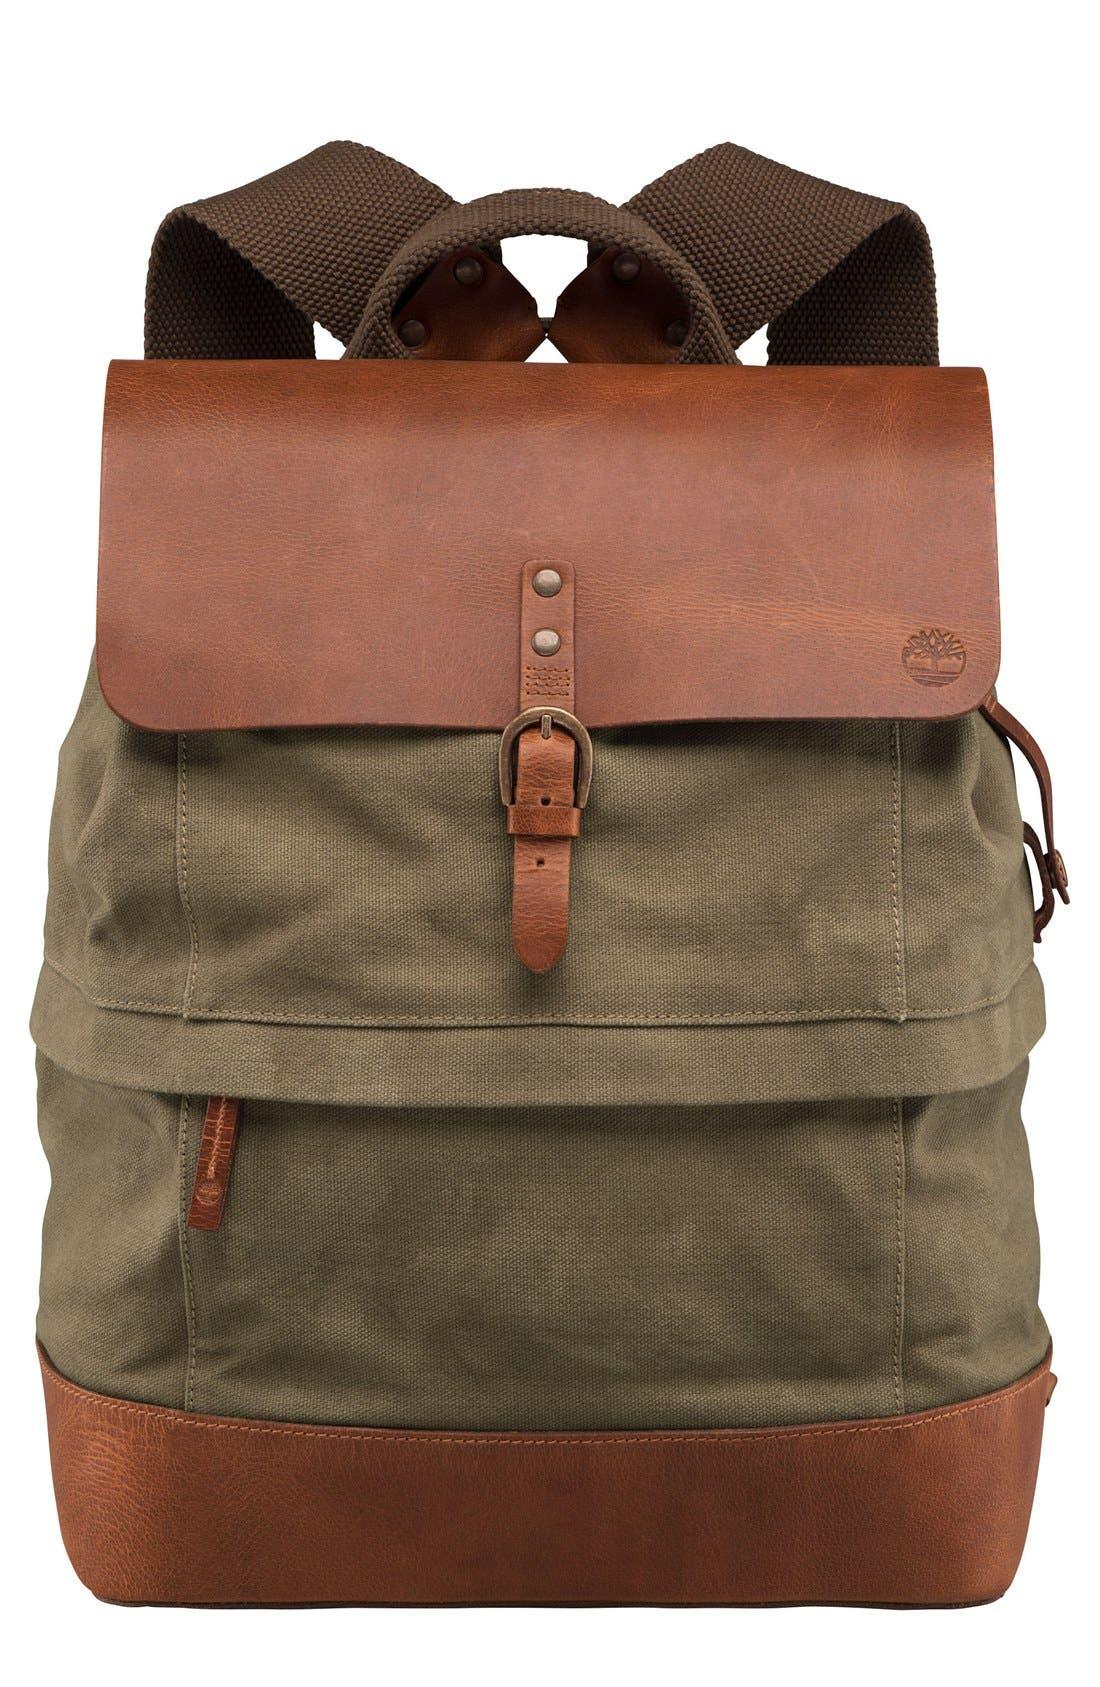 Nantasket Backpack,                             Main thumbnail 1, color,                             200